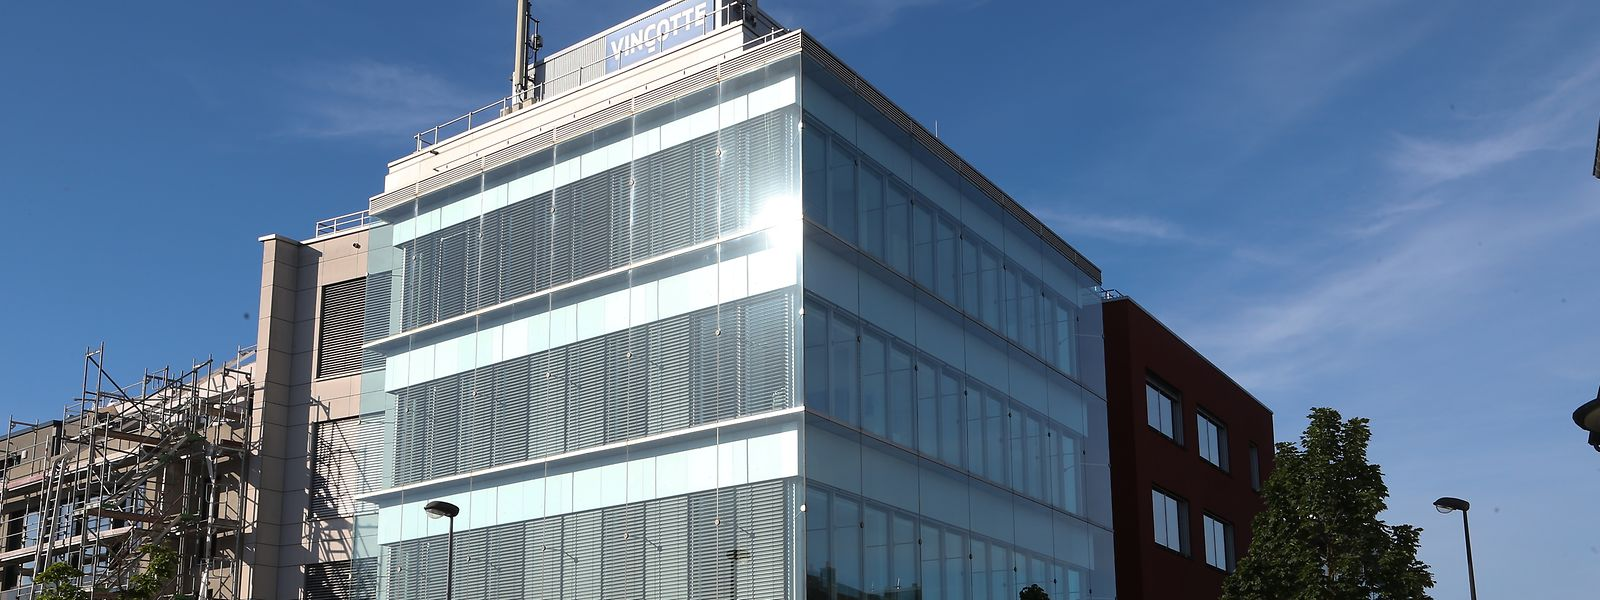 Der Sitz des Fonds du Logement im hauptstädtischen Mühlenweg.